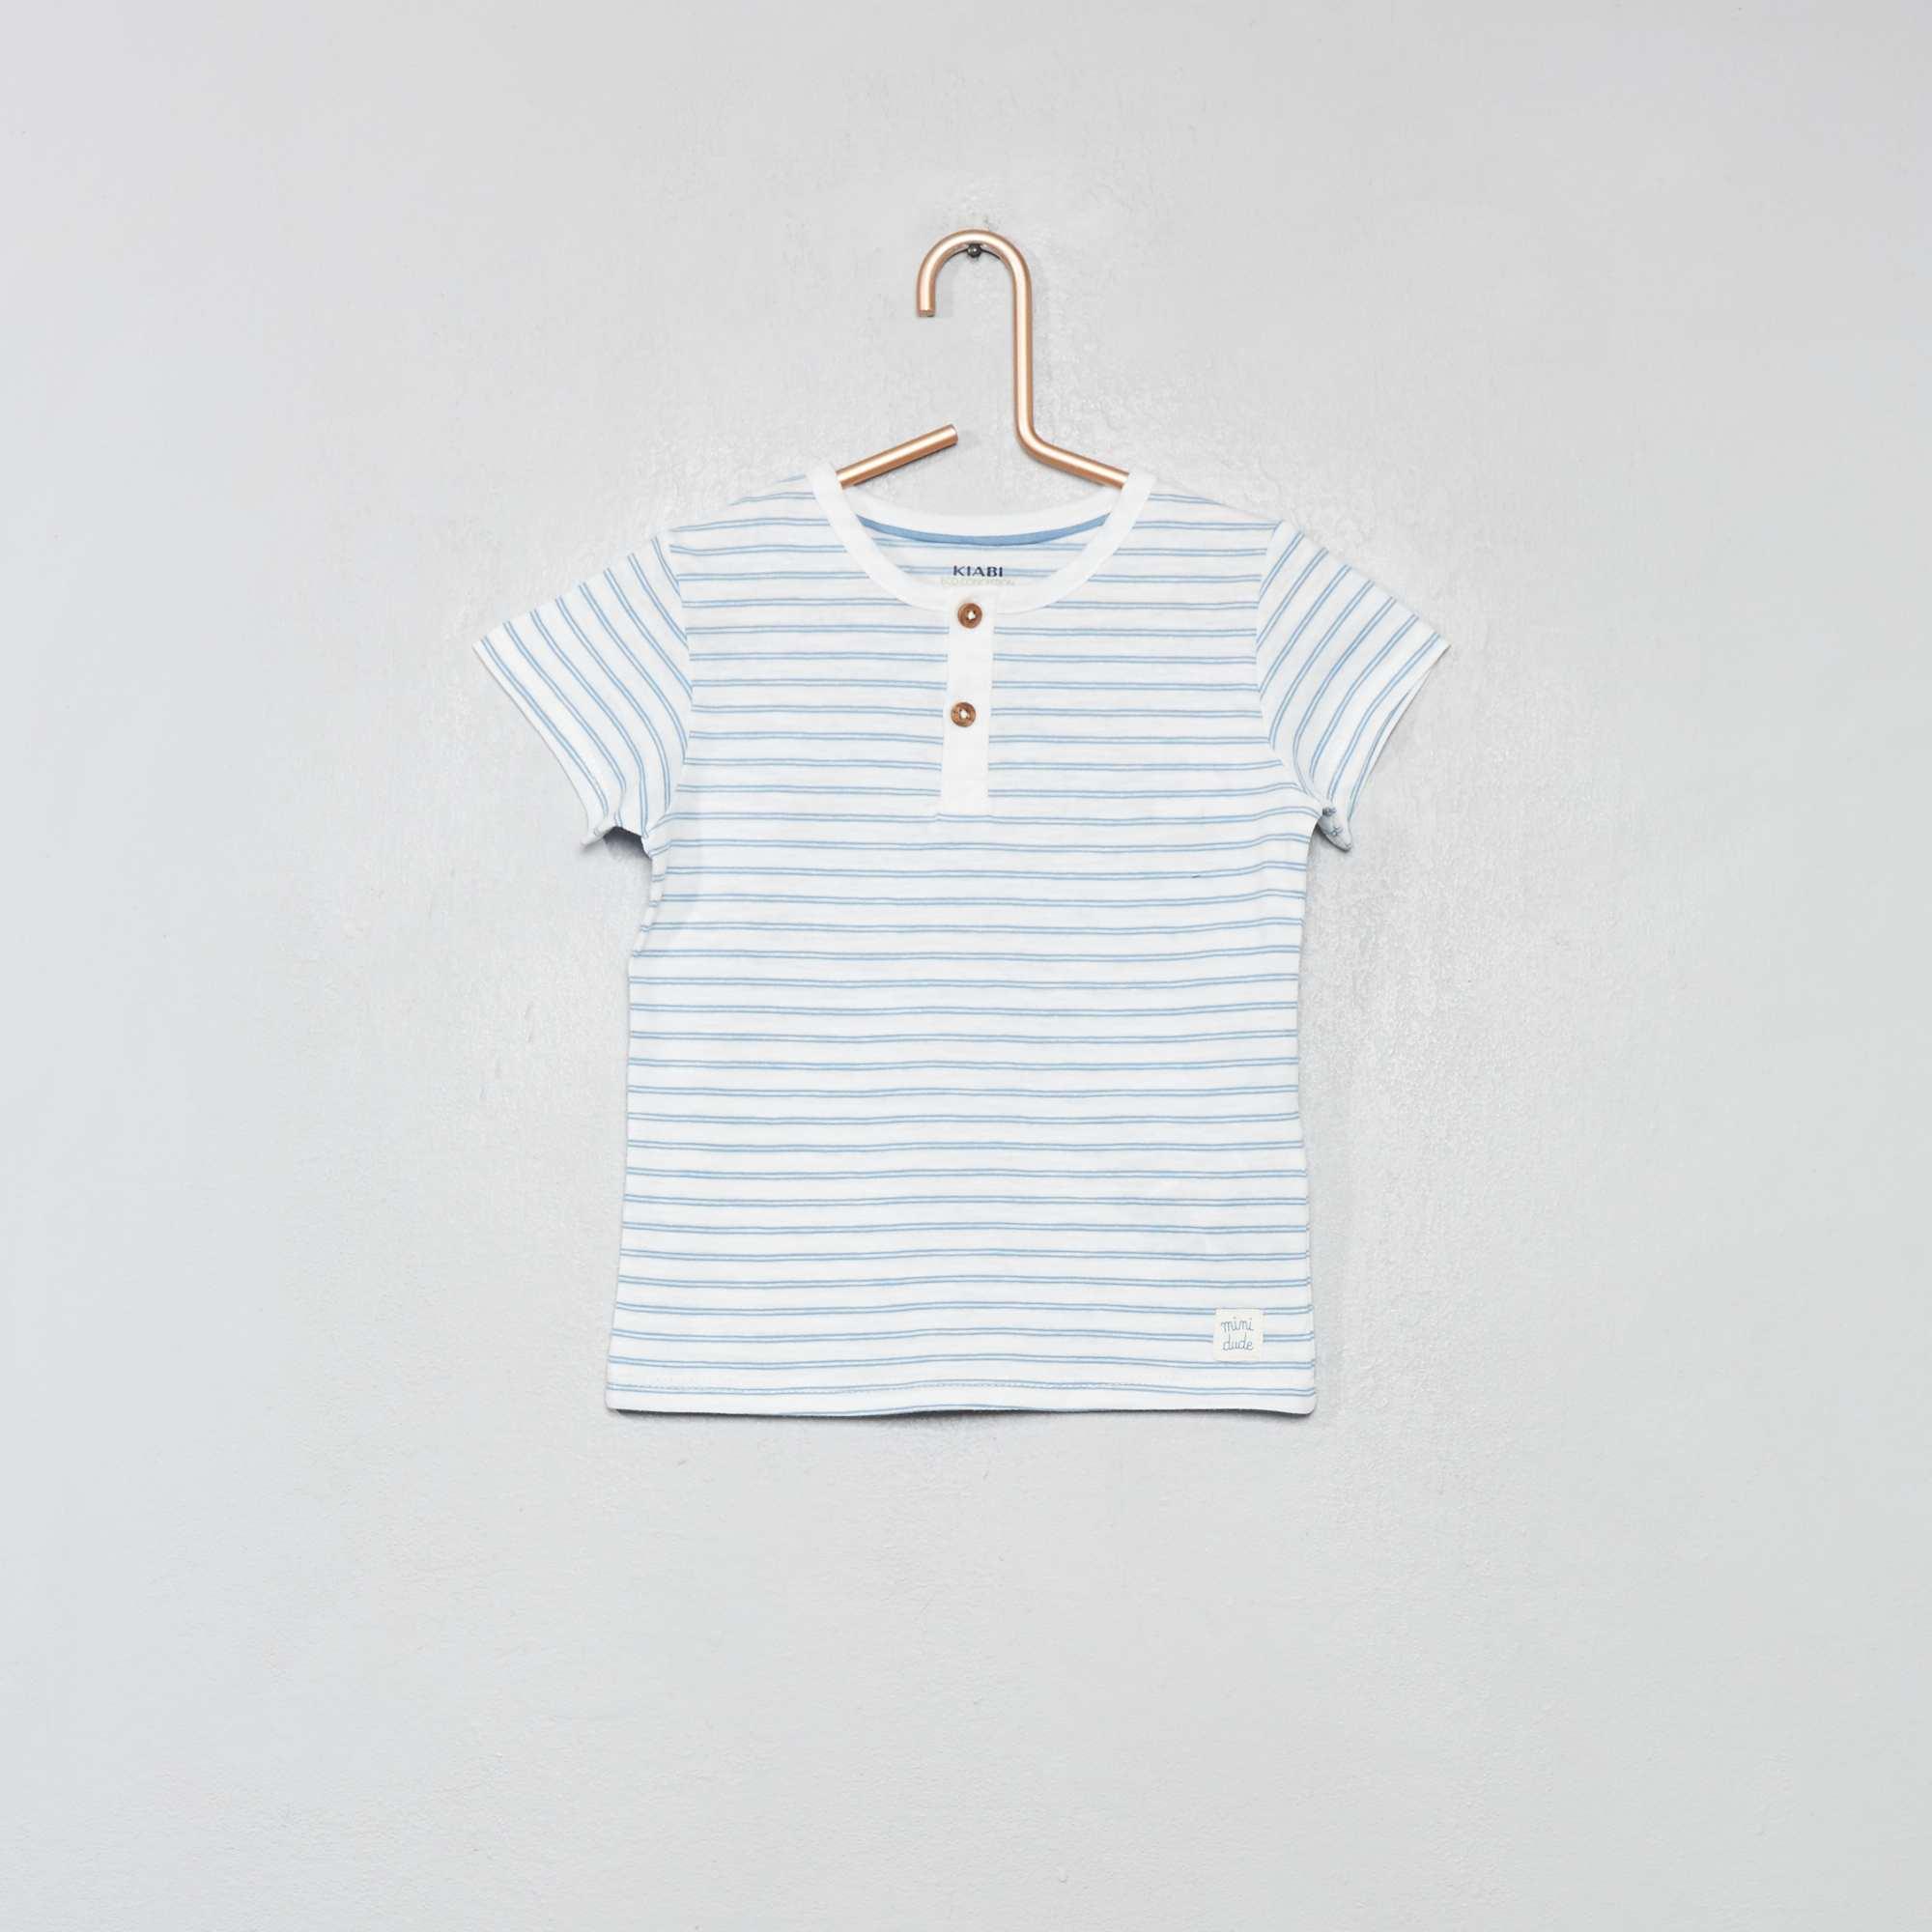 e77cb4086 Camiseta con cuello panadero de algodón orgánico BLANCO Bebé niño. Loading  zoom